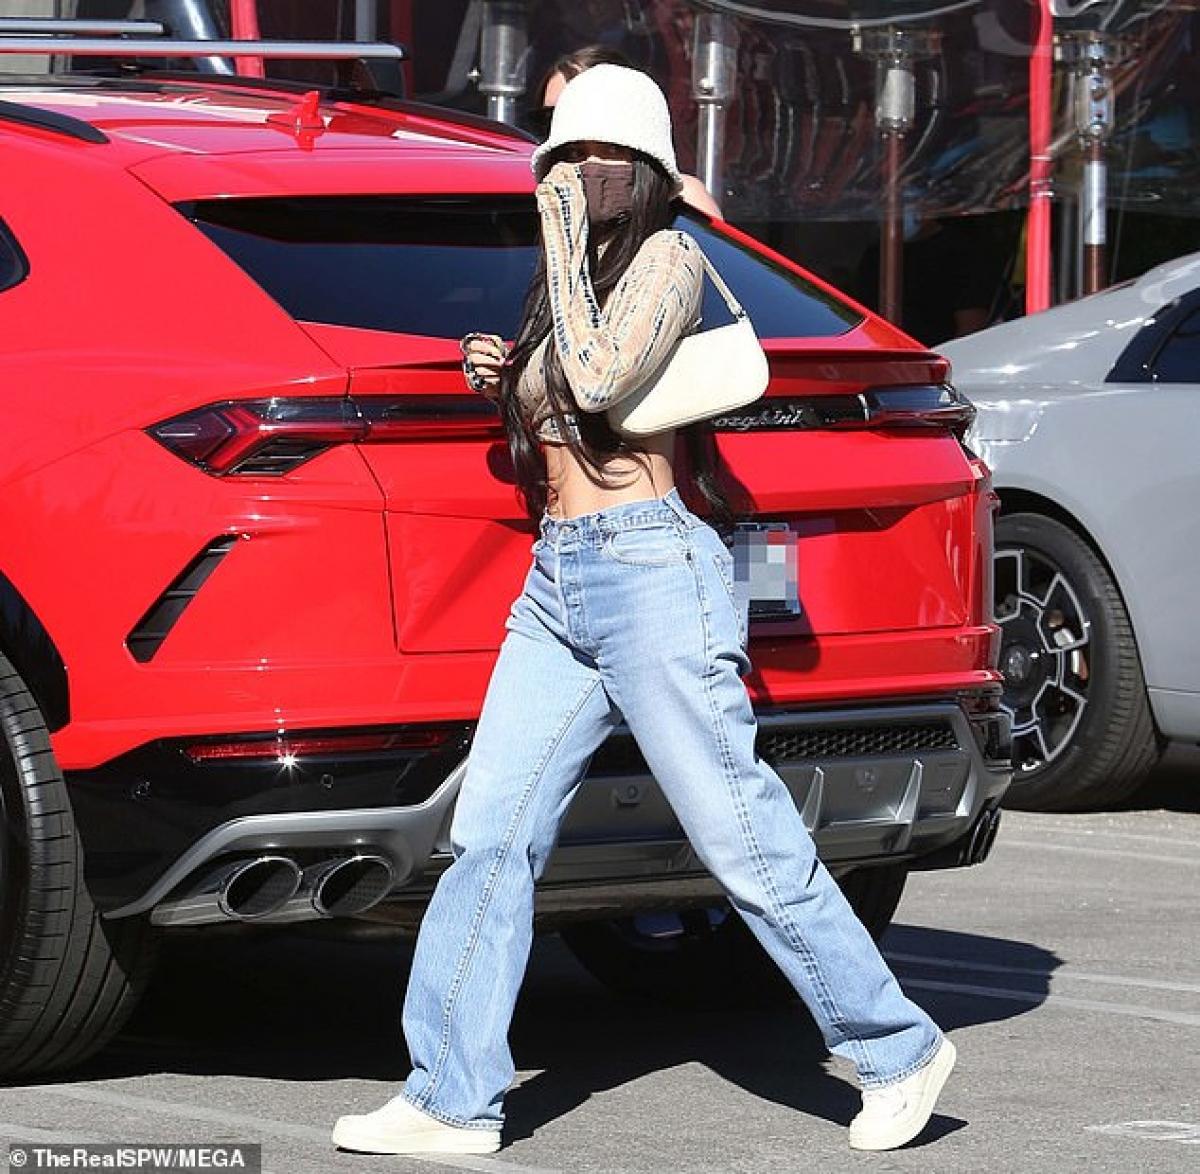 Ái nữ xinh đẹp nhà Kardashian diện áo croptop và quần jeans khỏe khoắn, khoe khéo vòng eo săn chắc, thon gọn.